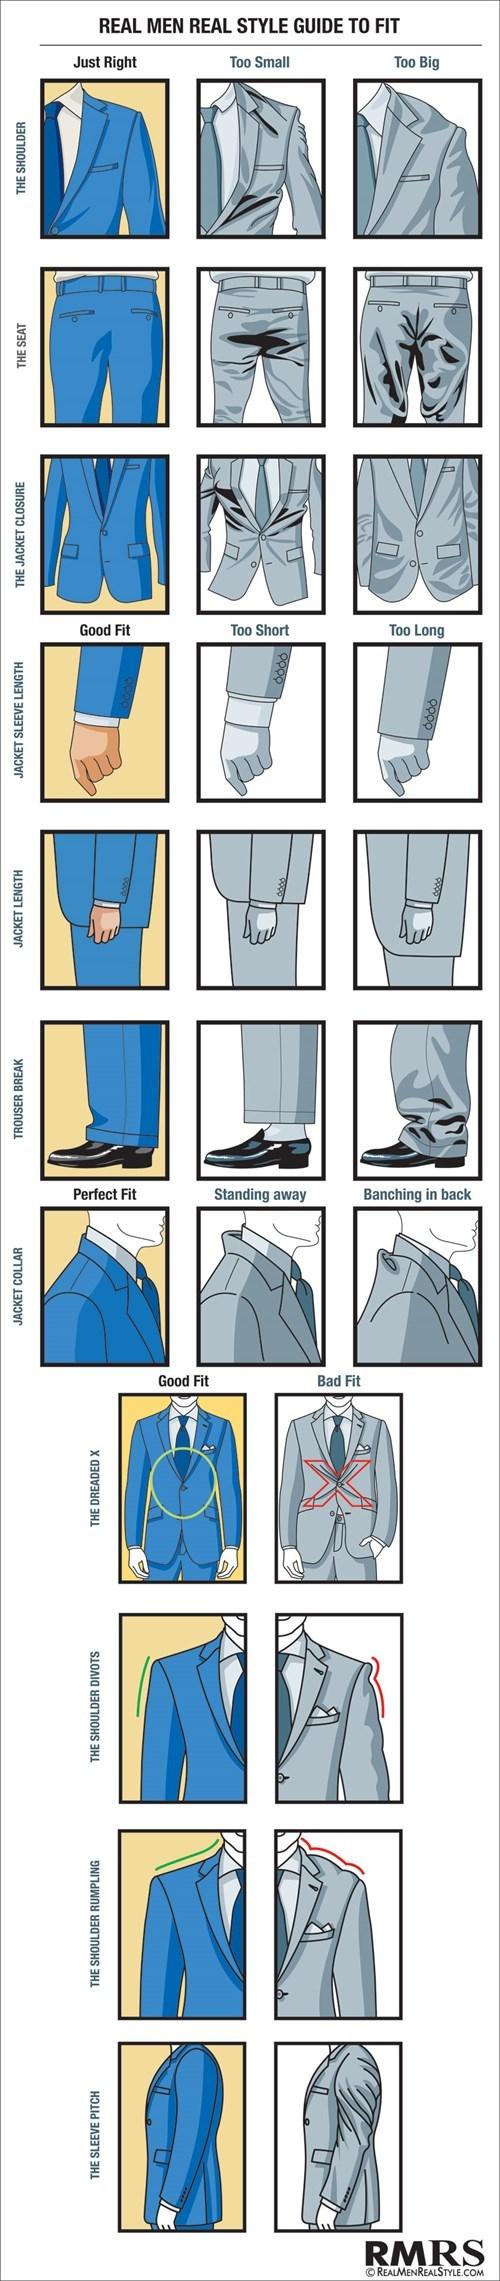 fashion guide suit - 7832990976